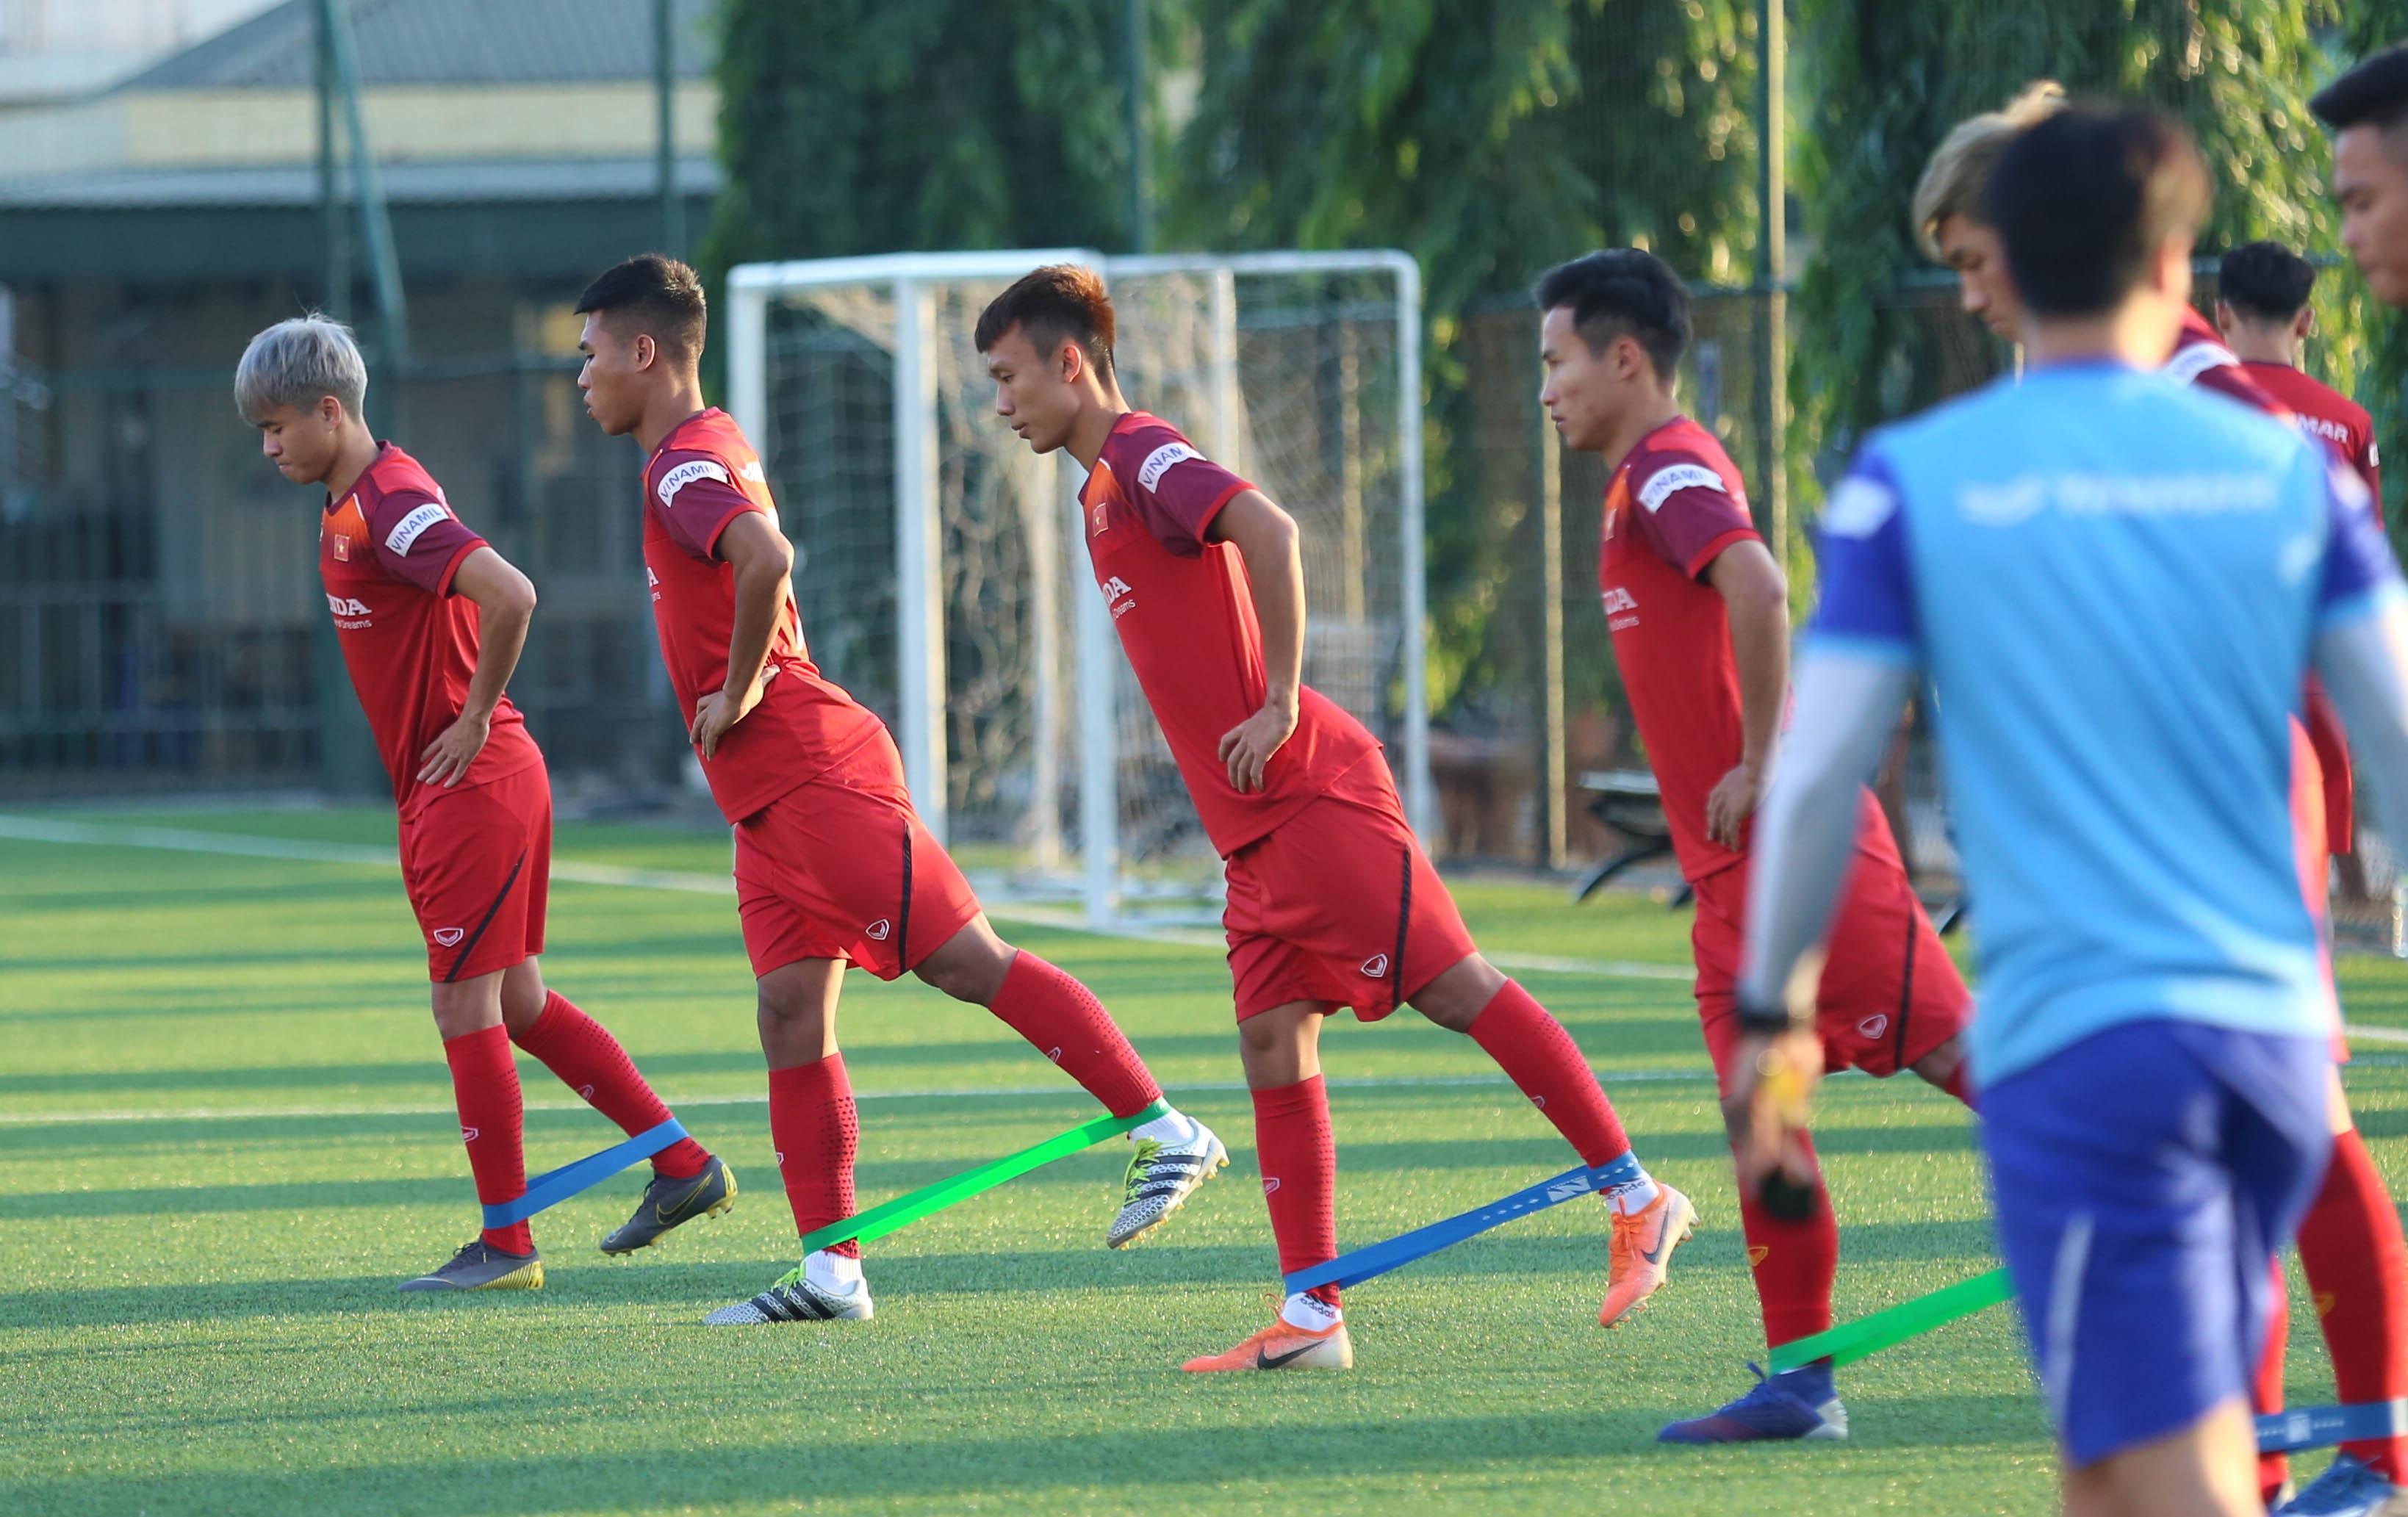 HLV Park Hang-seo đánh giá về bảng đấu của U22 Việt Nam tại SEA Games 30